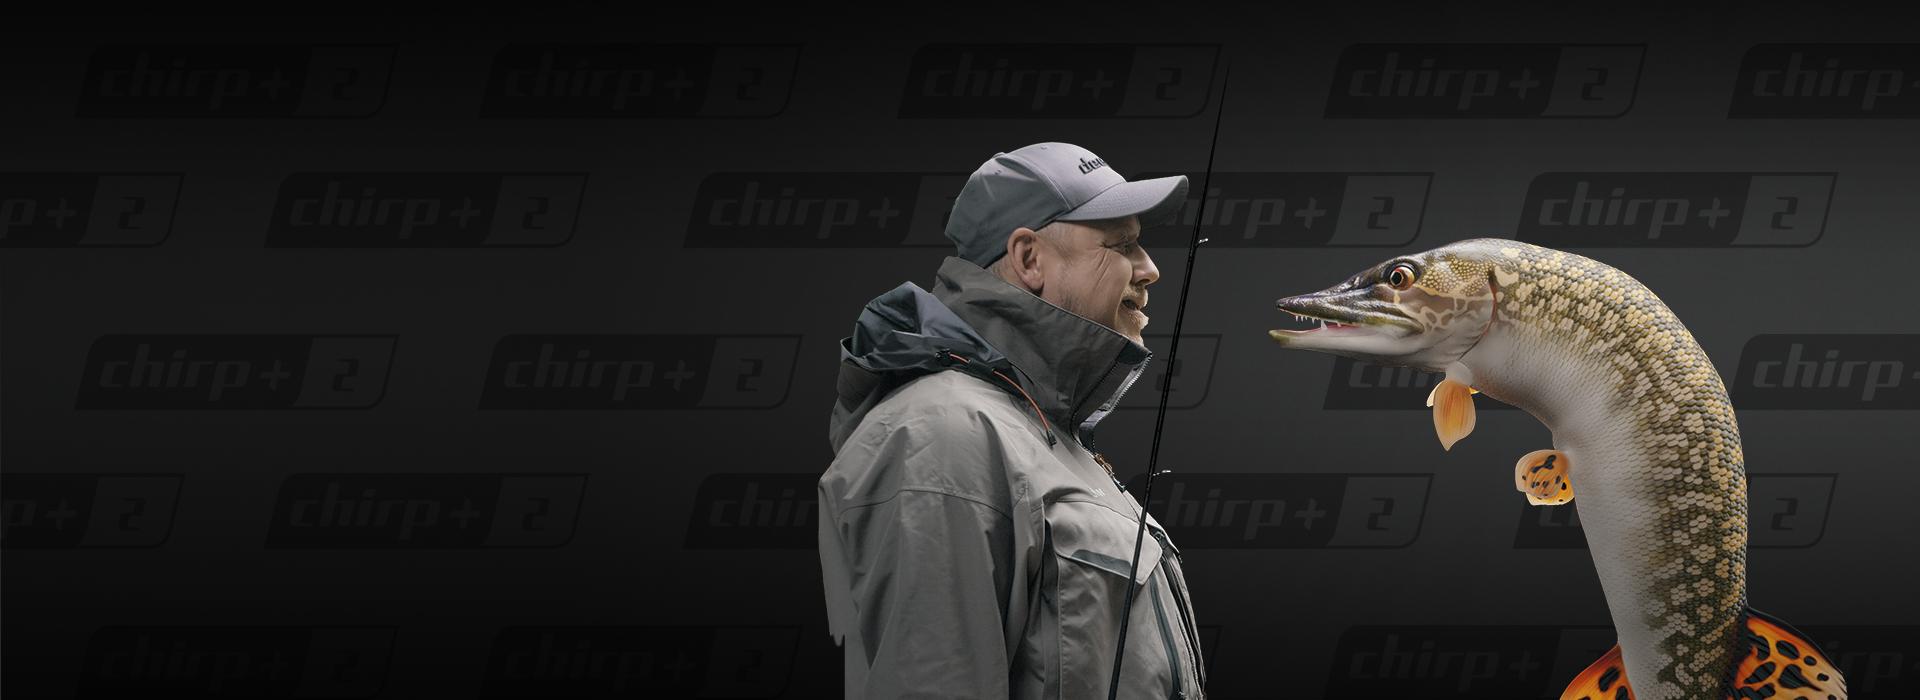 Etkö malta odottaa kalojen kohtaamista?Tee siitä todellisuutta uudella Deeper CHIRP+ 2:lla!